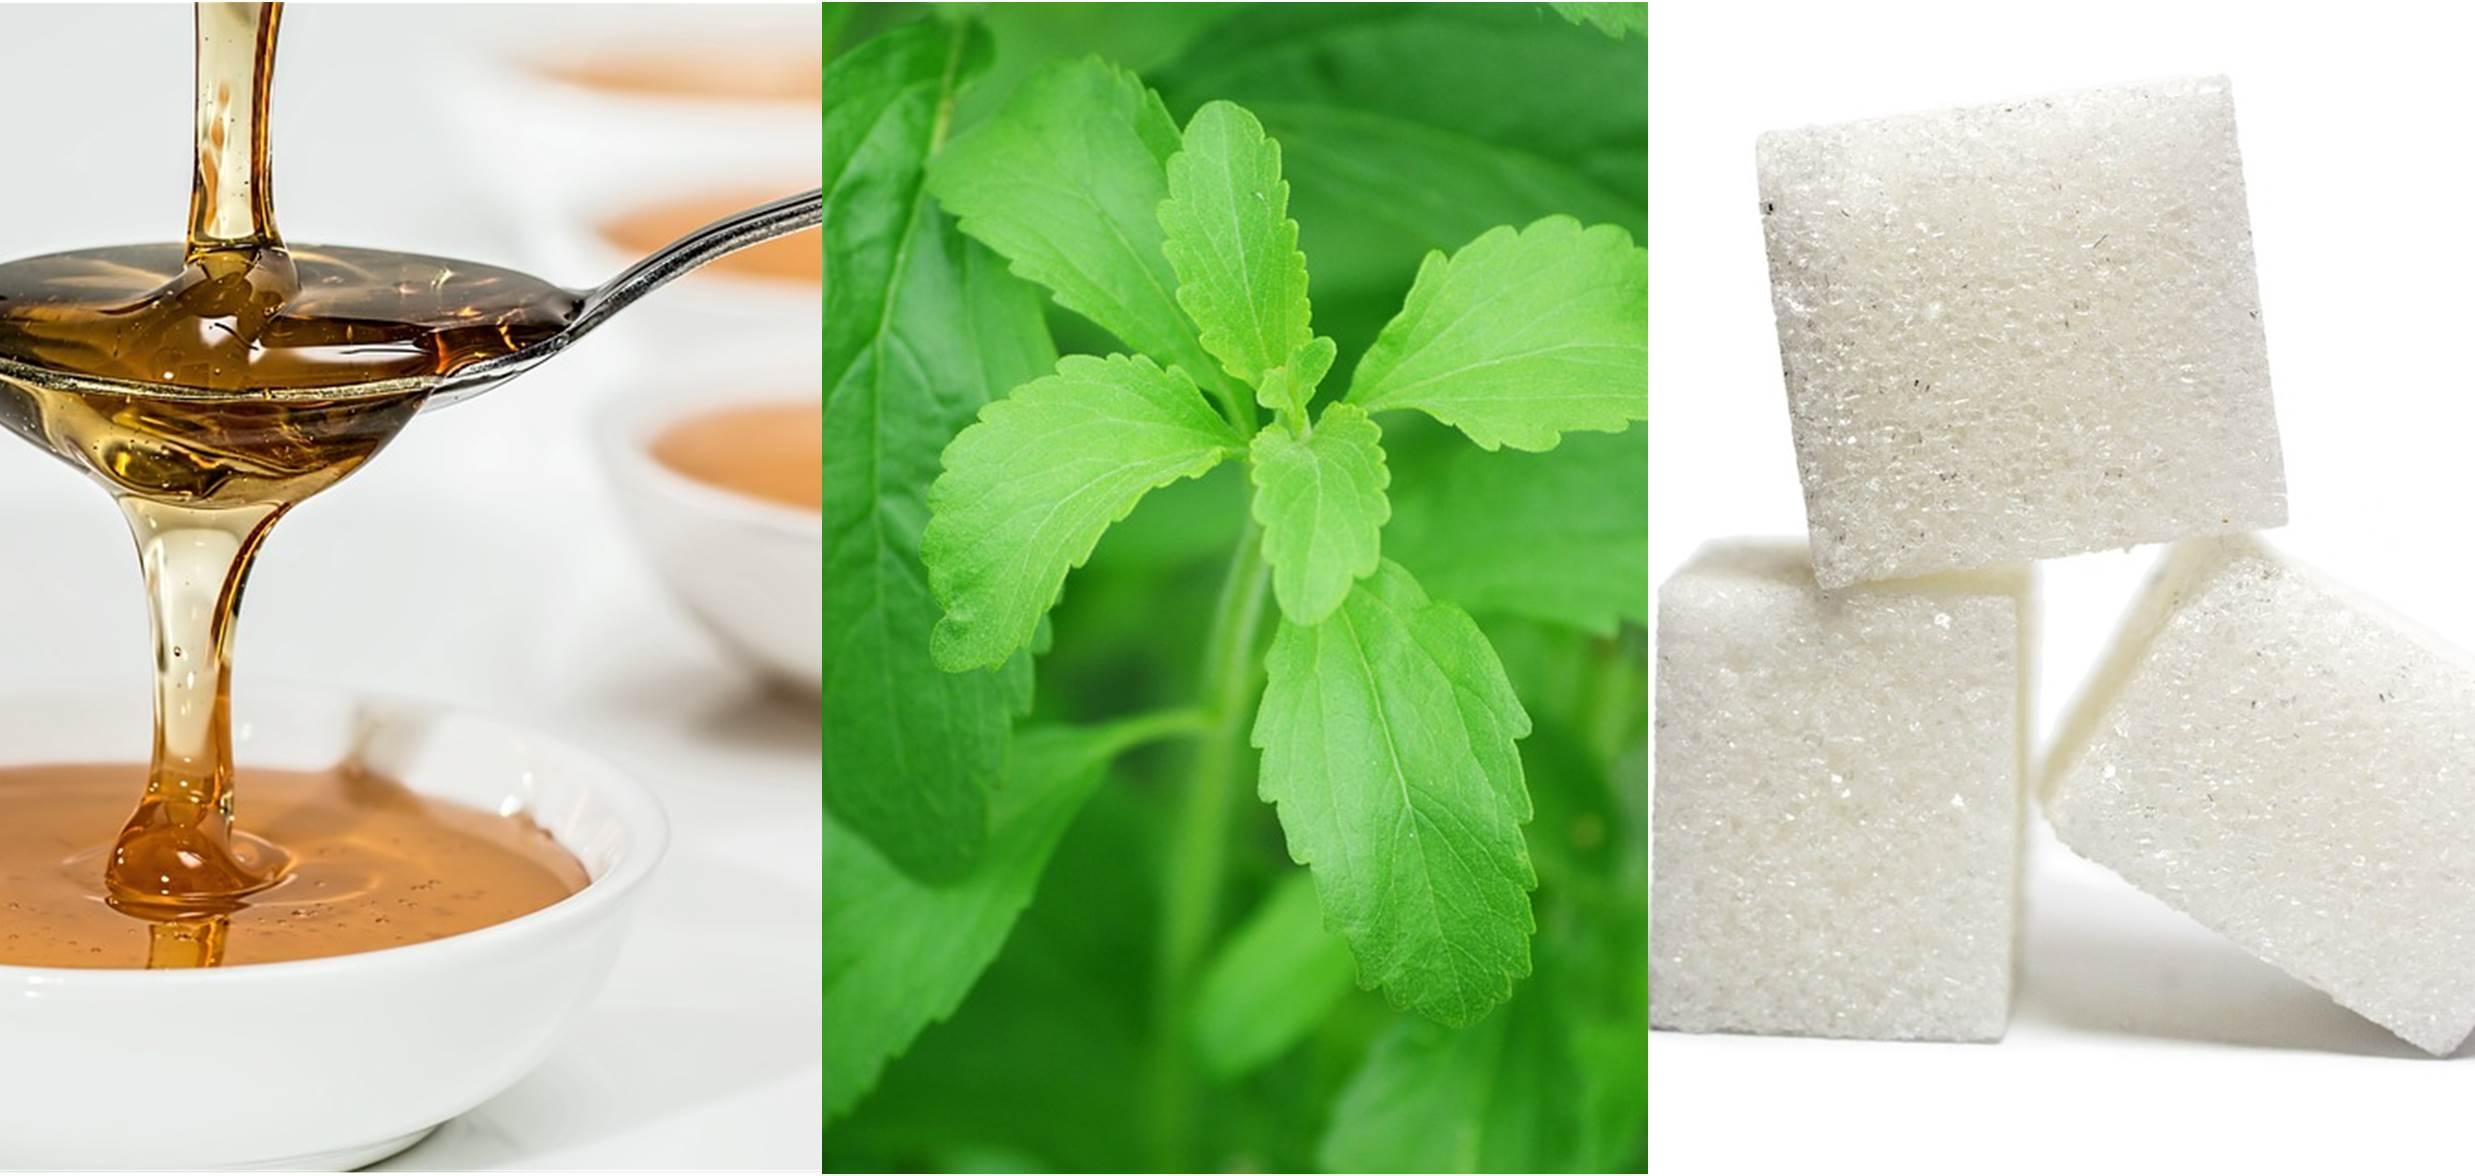 Tabla de conversión - Azúcar, Stevia y Miel - Mejor Real